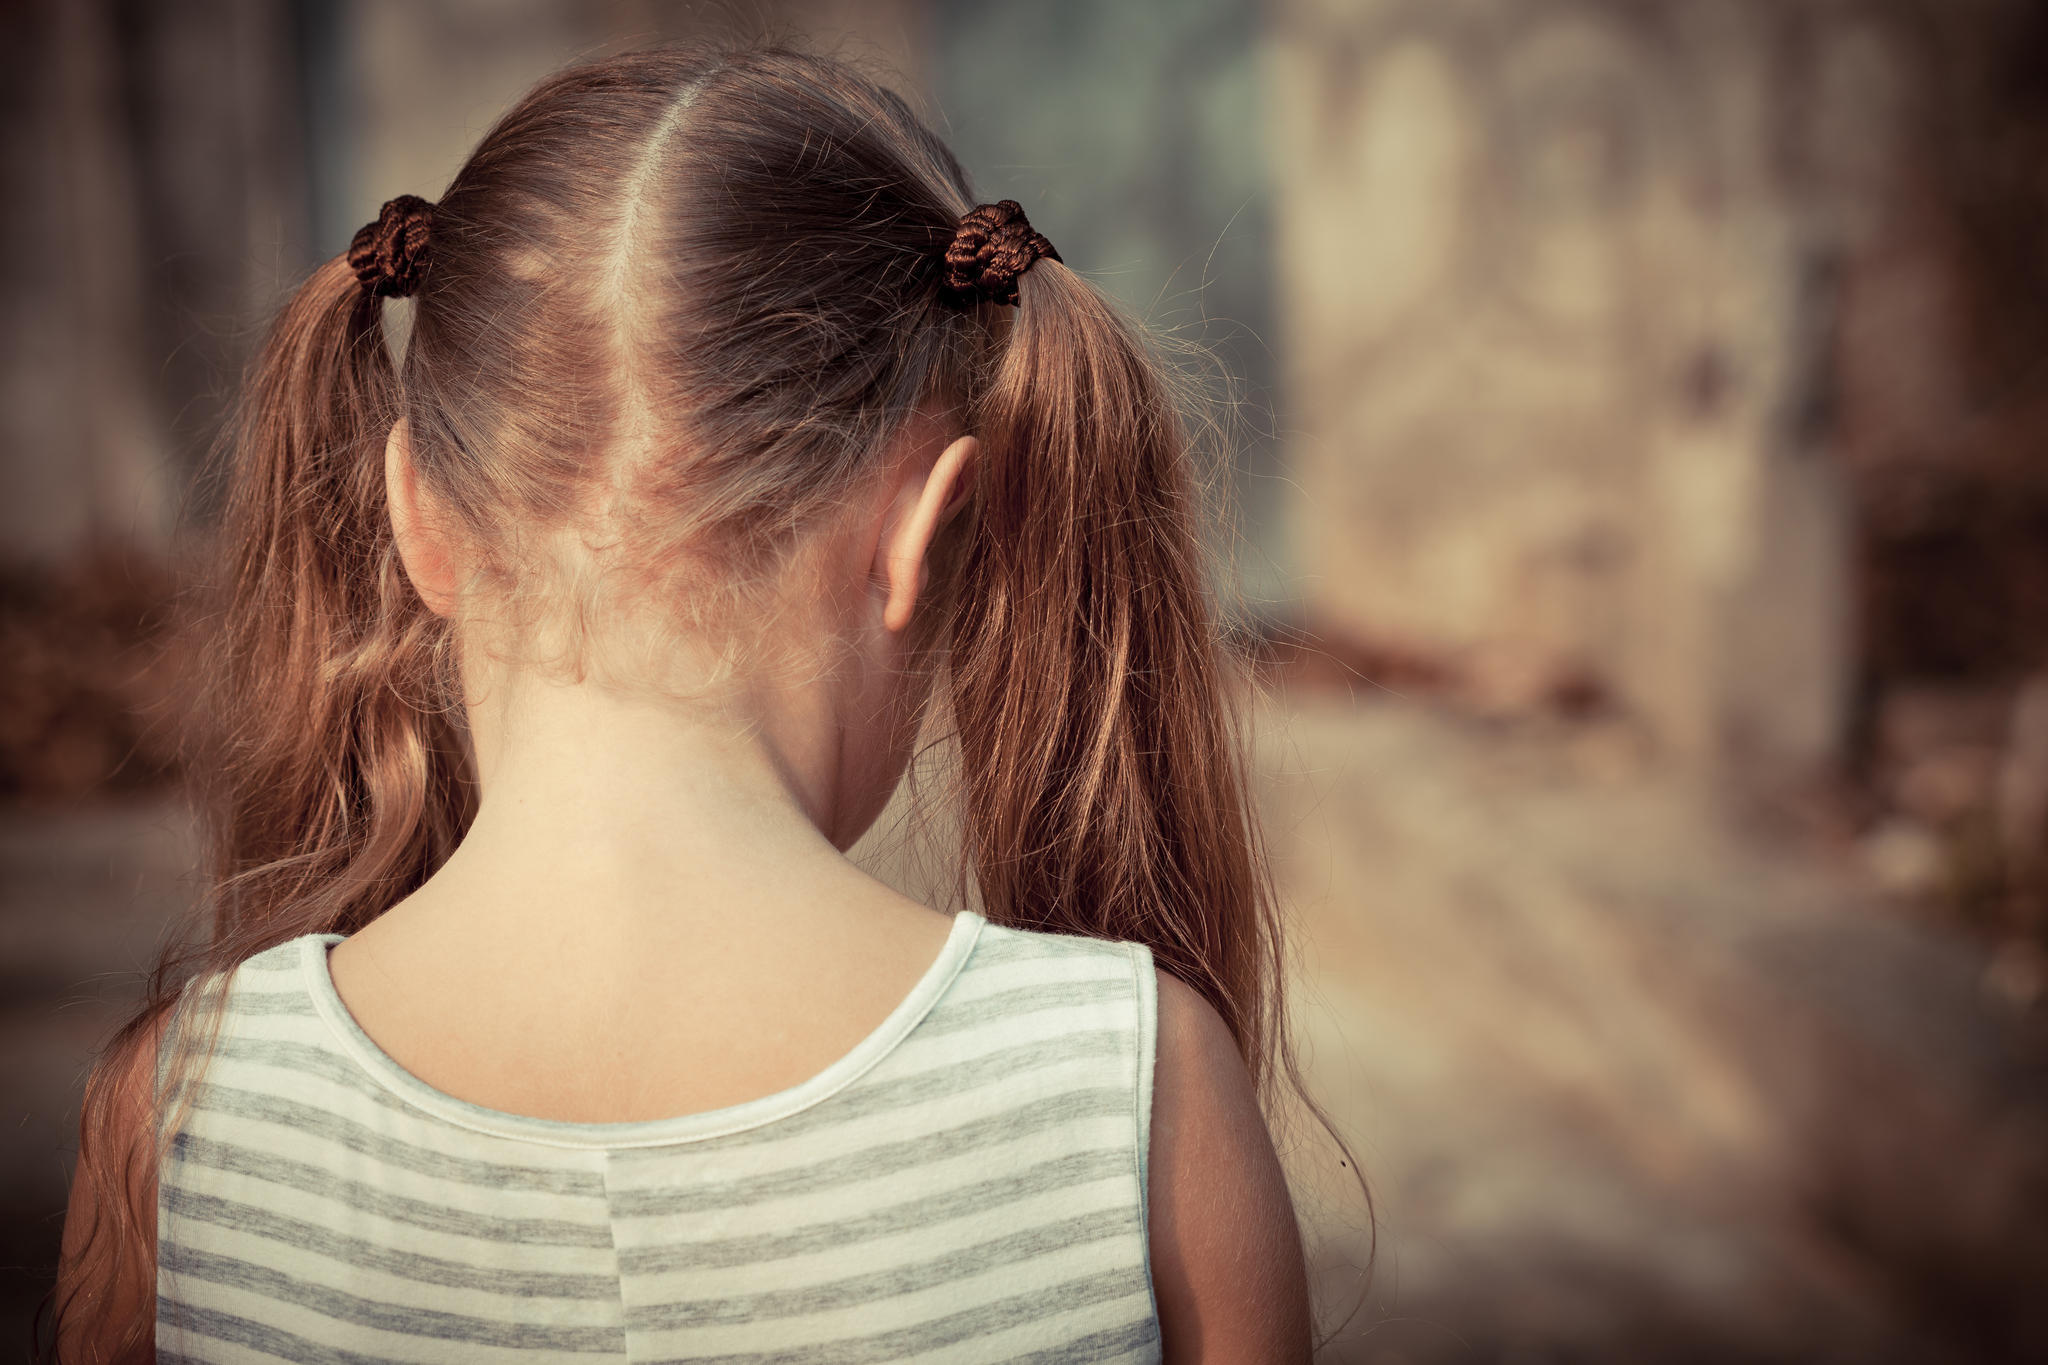 Verfrühte Pubertät 5 Jährige Hat Brüste Und Ihre Periode Brigittede